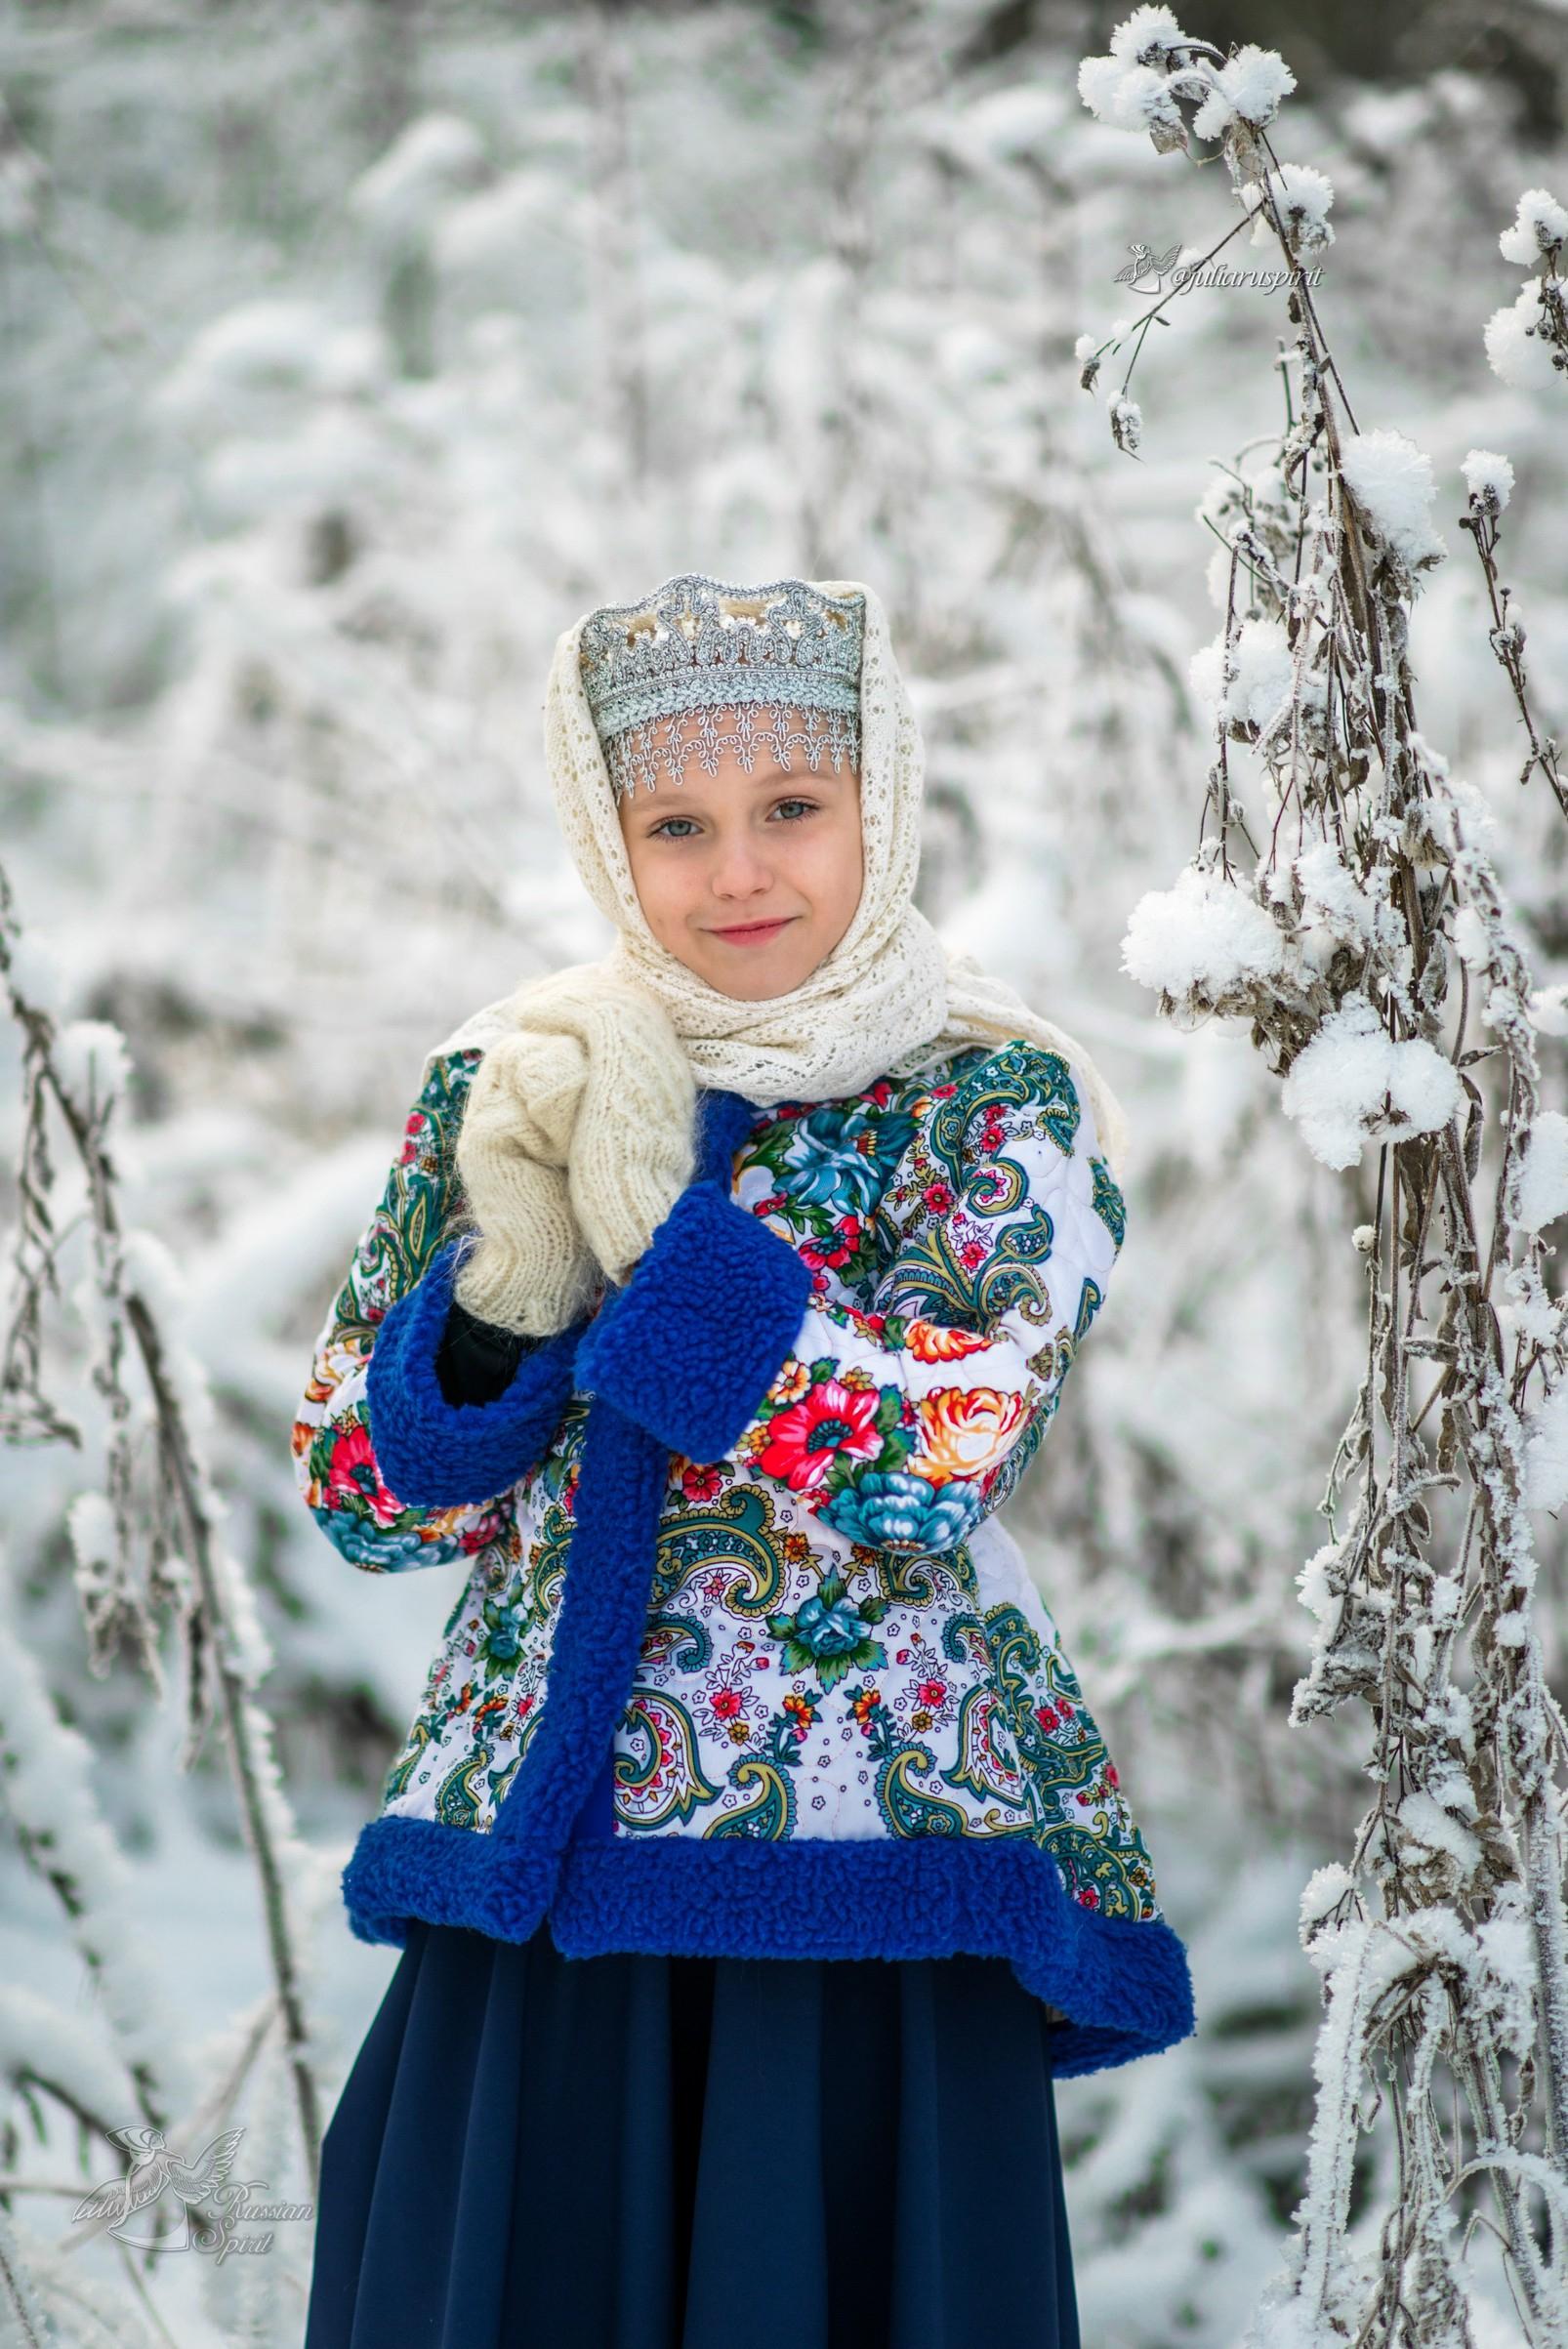 Девочка в утепленном жакете из Павлопосадских платков и кокошнике